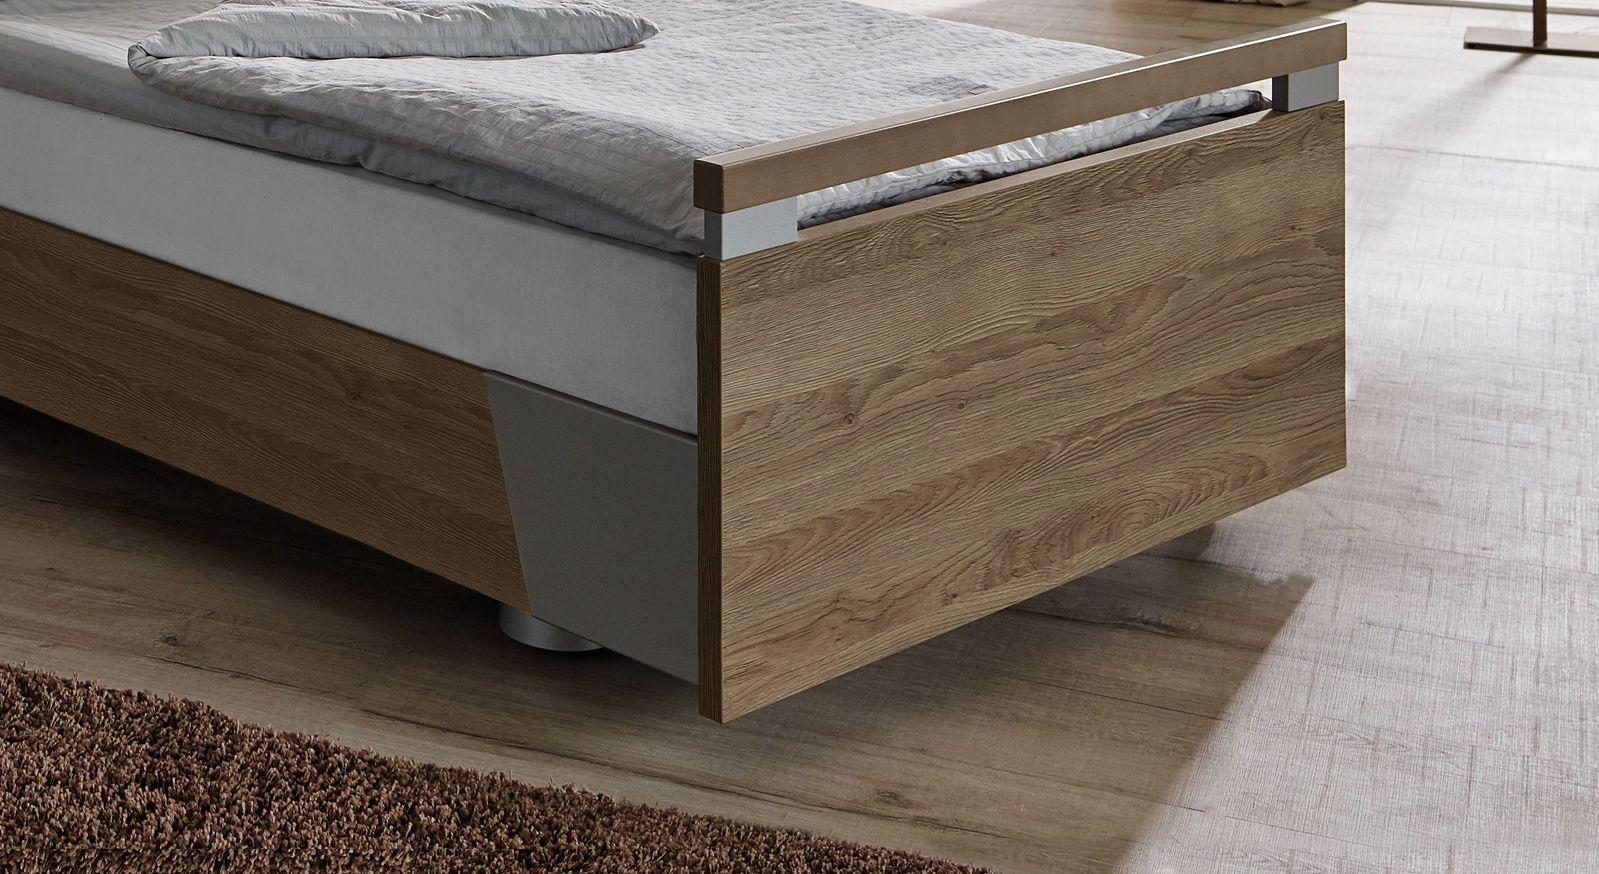 Komfortbett mit Pflegebett-Funktion Usedom inklusive schlichtem Fußteil mit Metalldetails